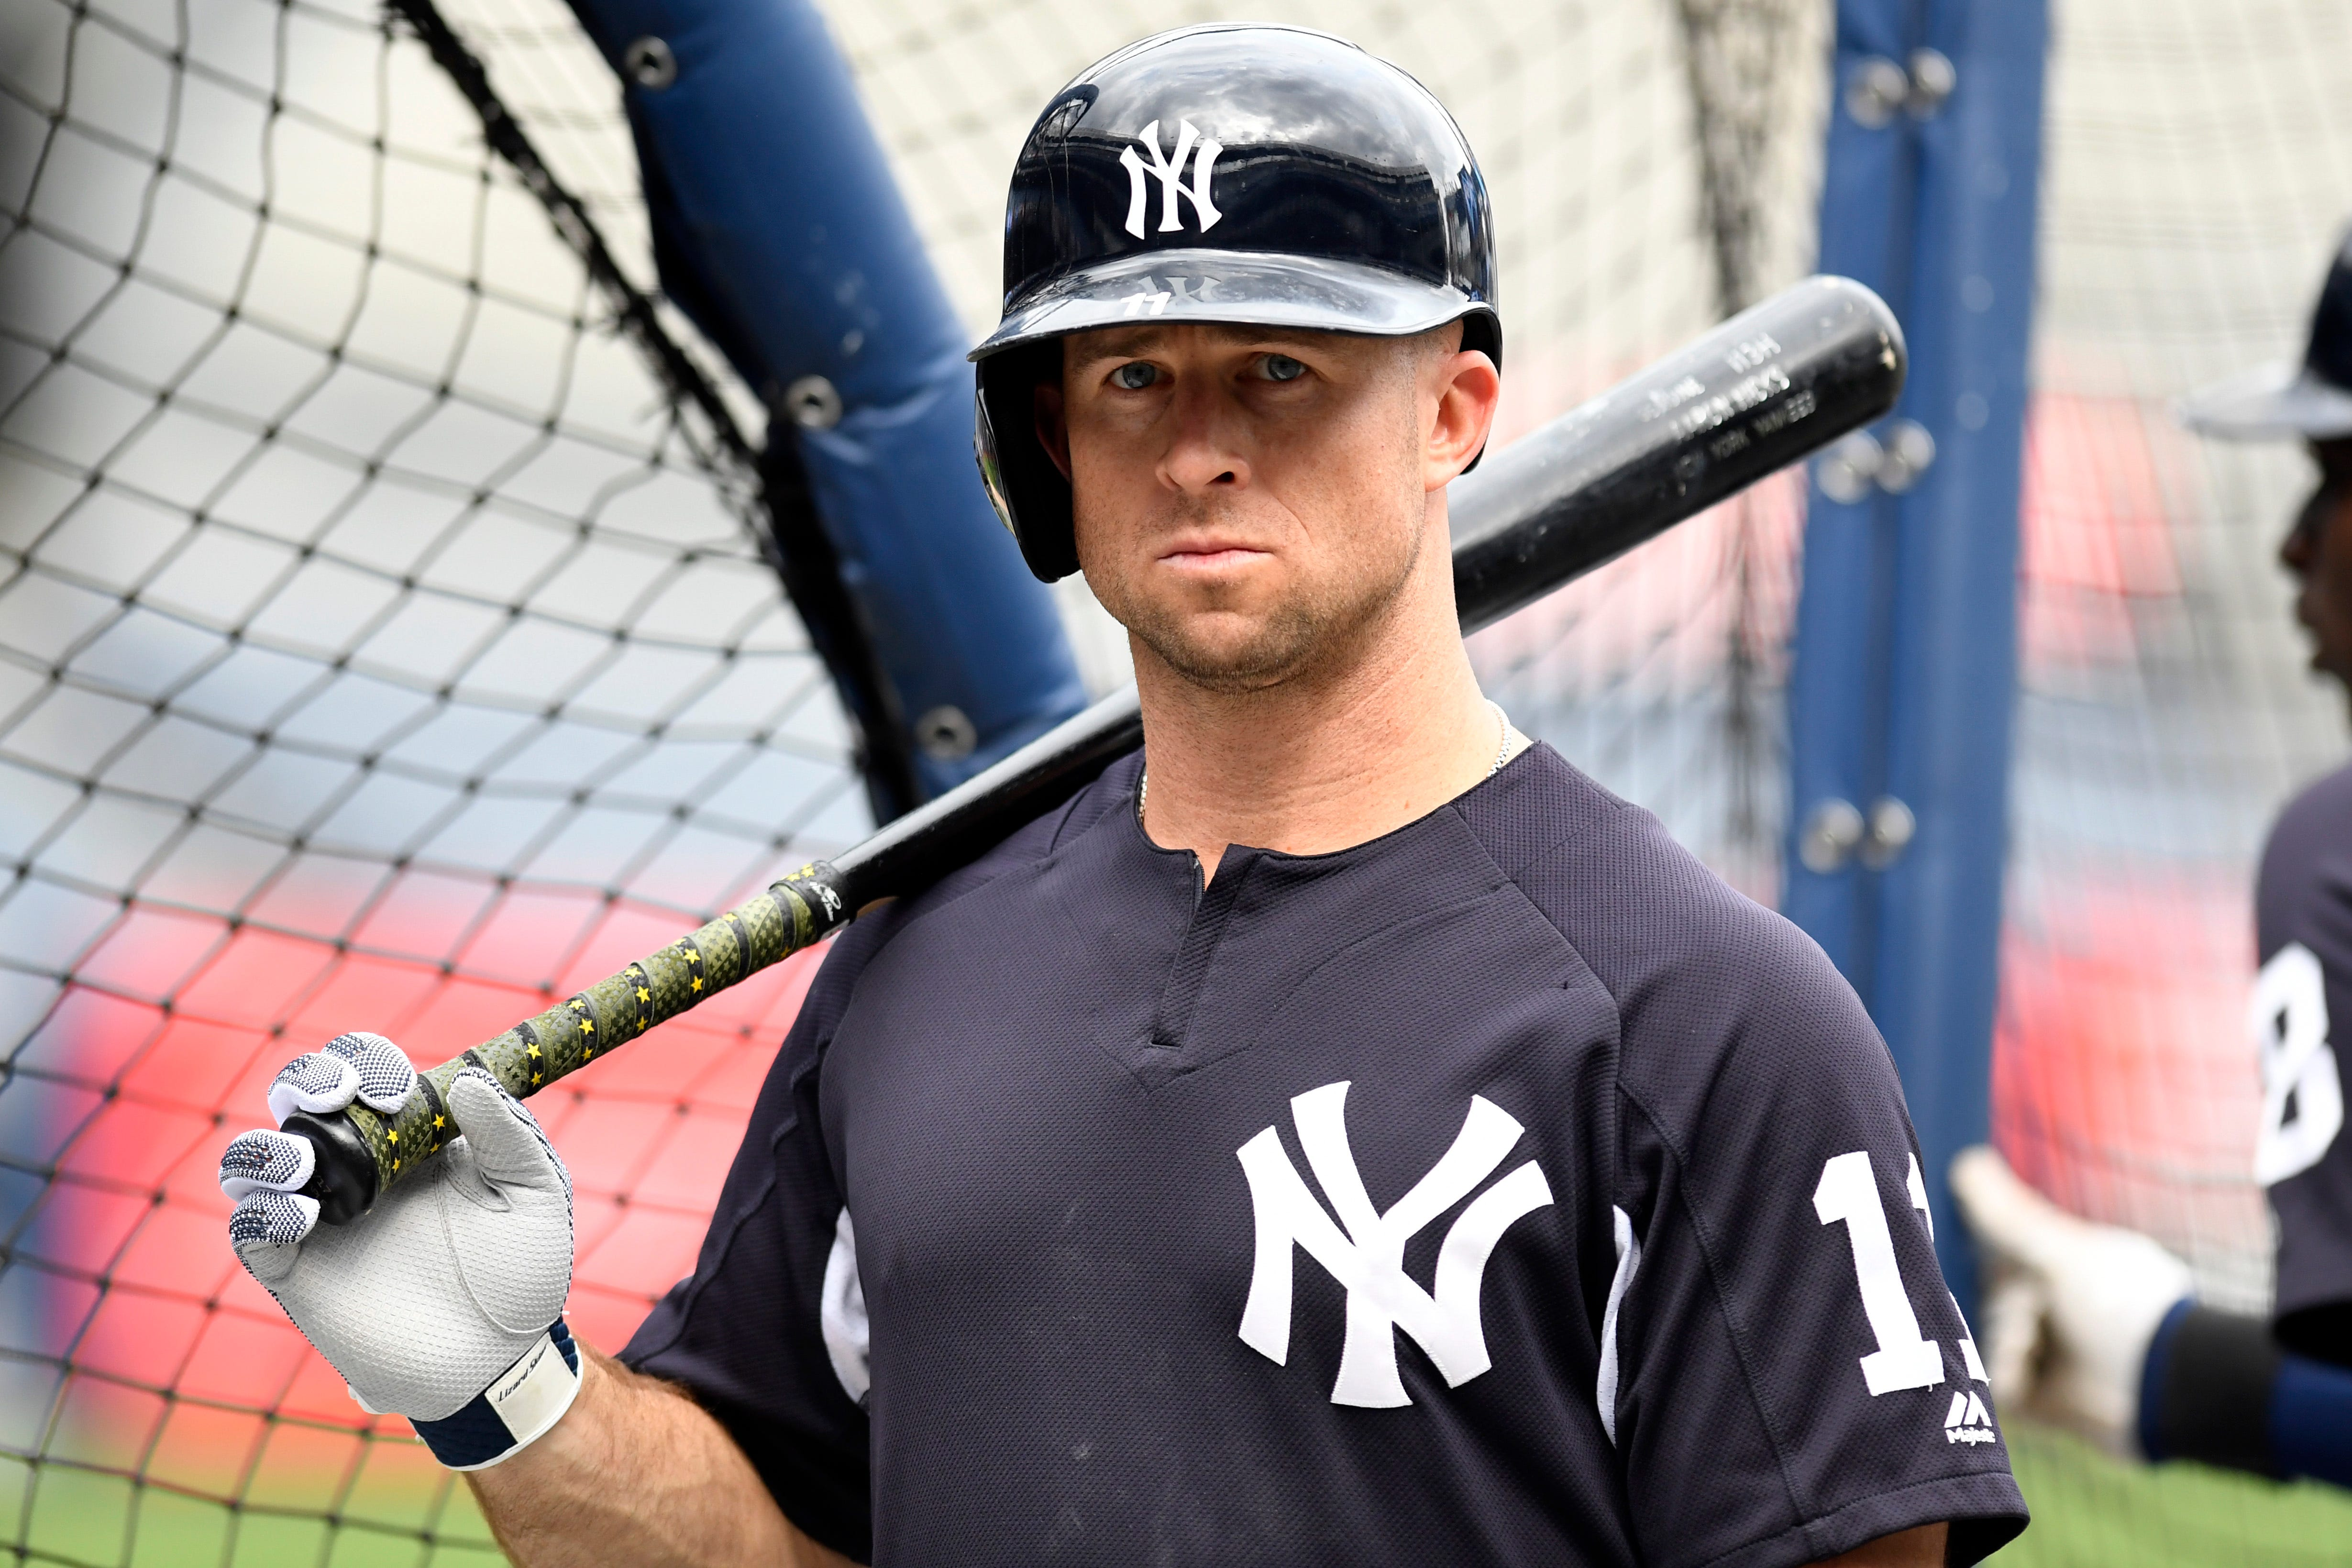 Brett Gardner New York Yankees Spring Training Baseball Player Jersey